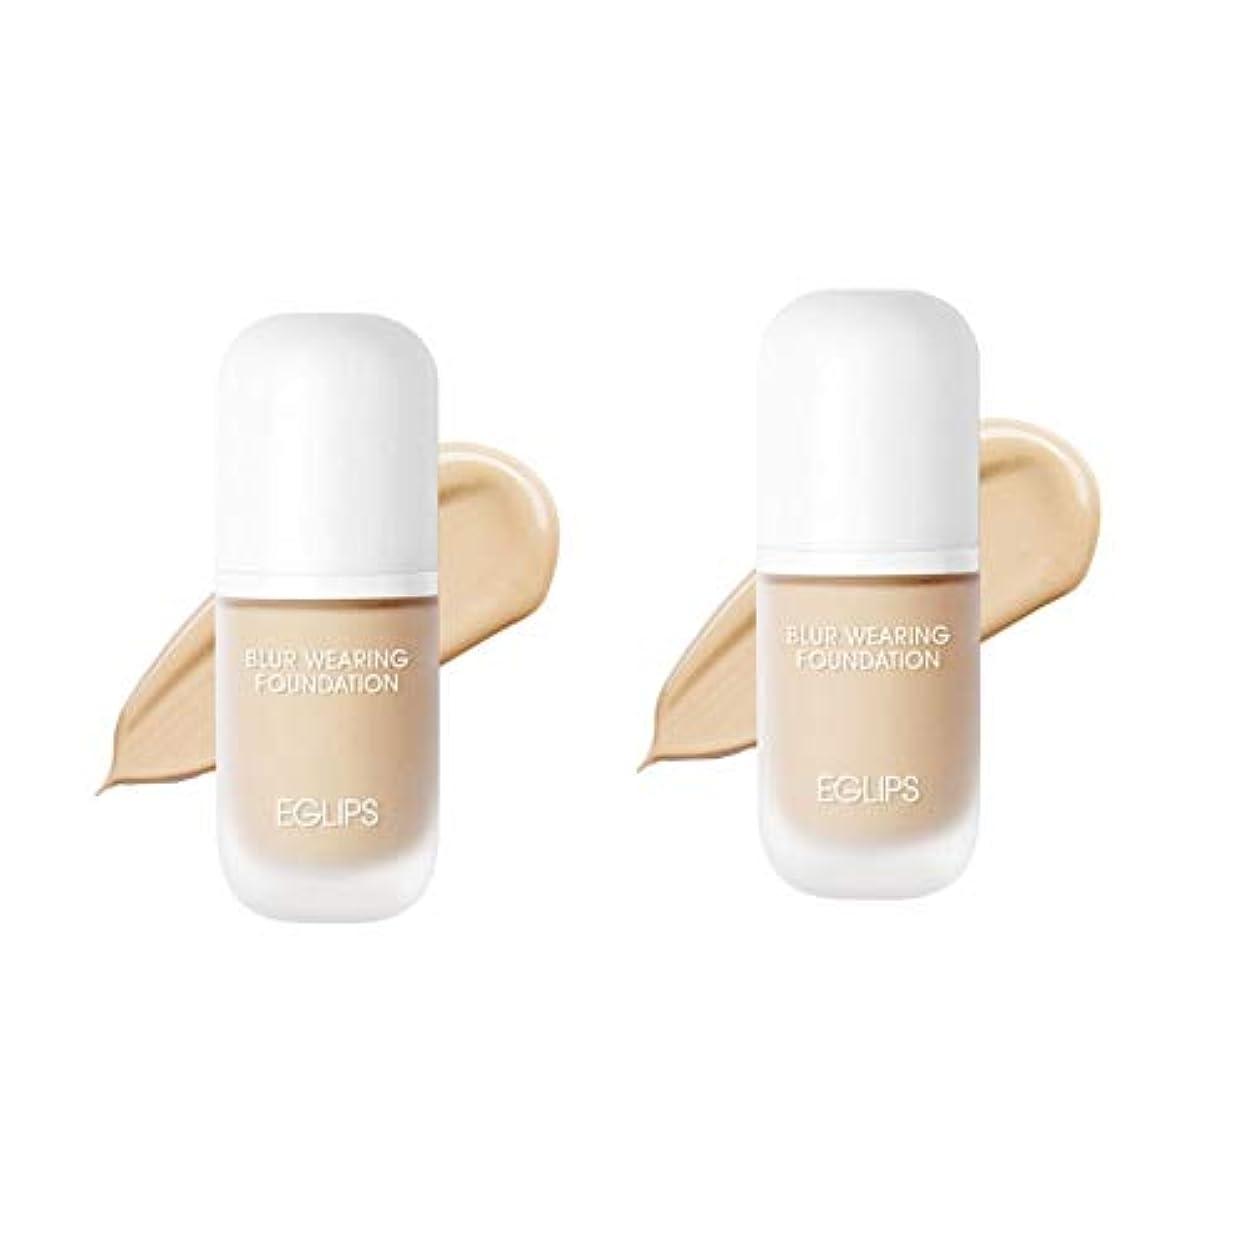 有益失効モスクイーグルリップスブラーウェアリングファンデーション 30mlx2本セット3カラー韓国コスメ、EGLIPS Blur Wearing Foundation 30ml x 2ea Set 3 Colors Korean Cosmetics...